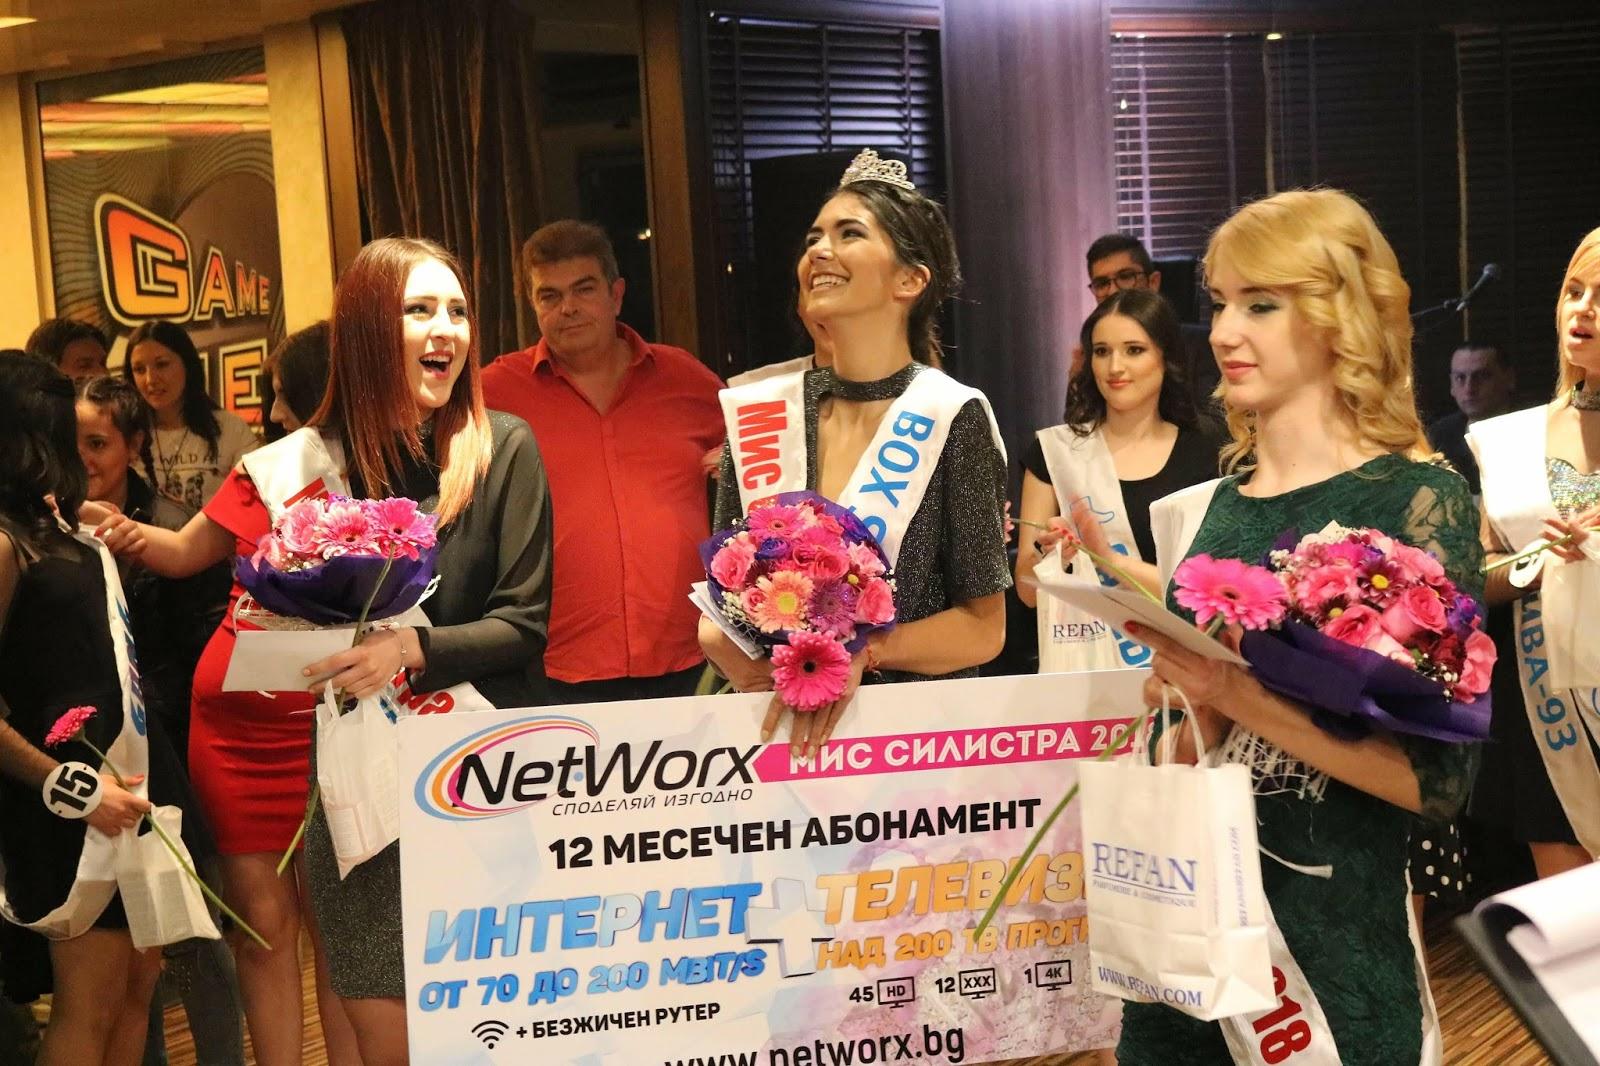 Конкурсът за момичета е забавен, интересен и информативен